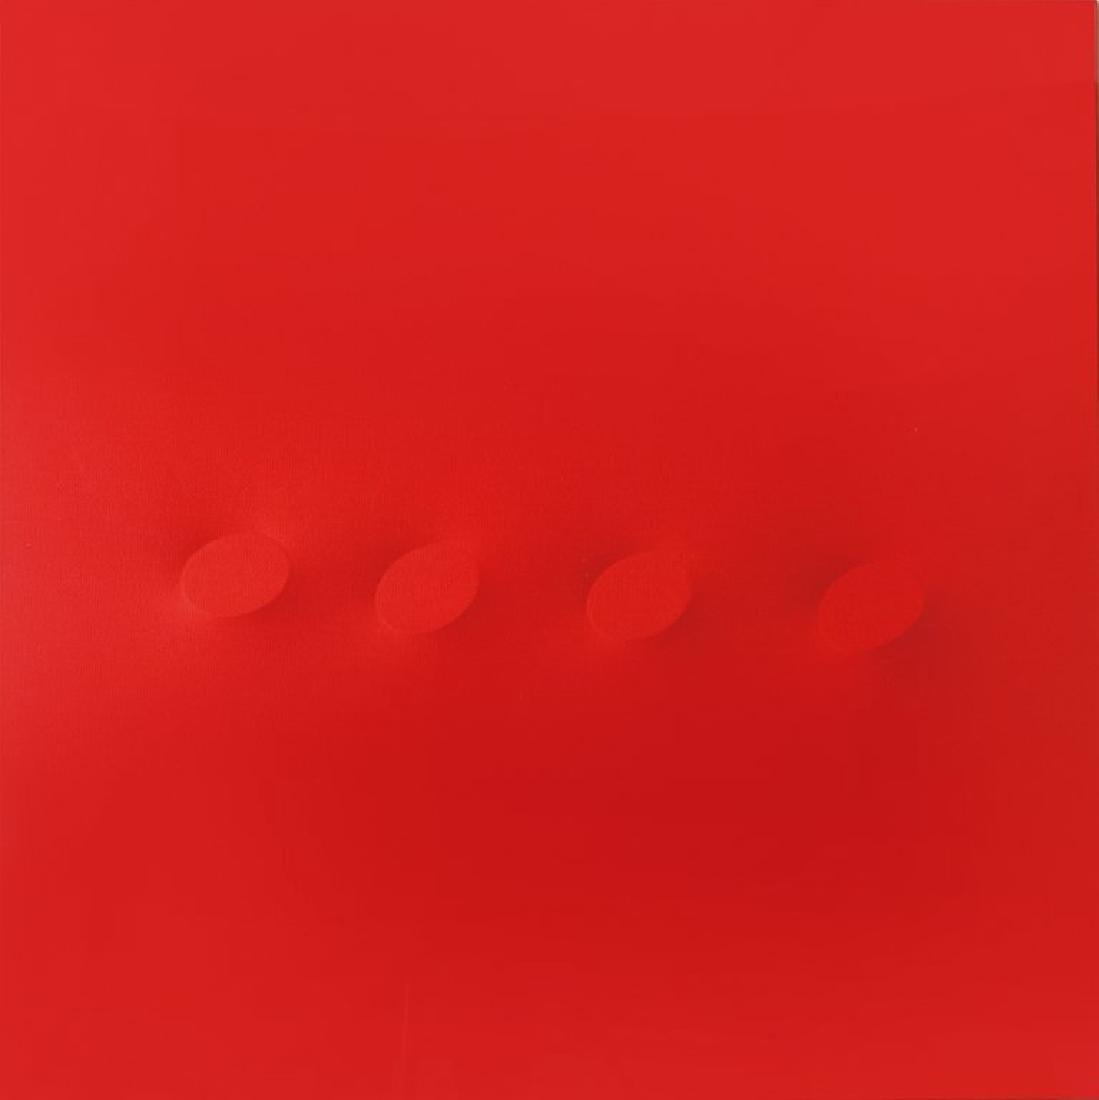 TURI SIMETI (1929-)  Quattro ovali rossi